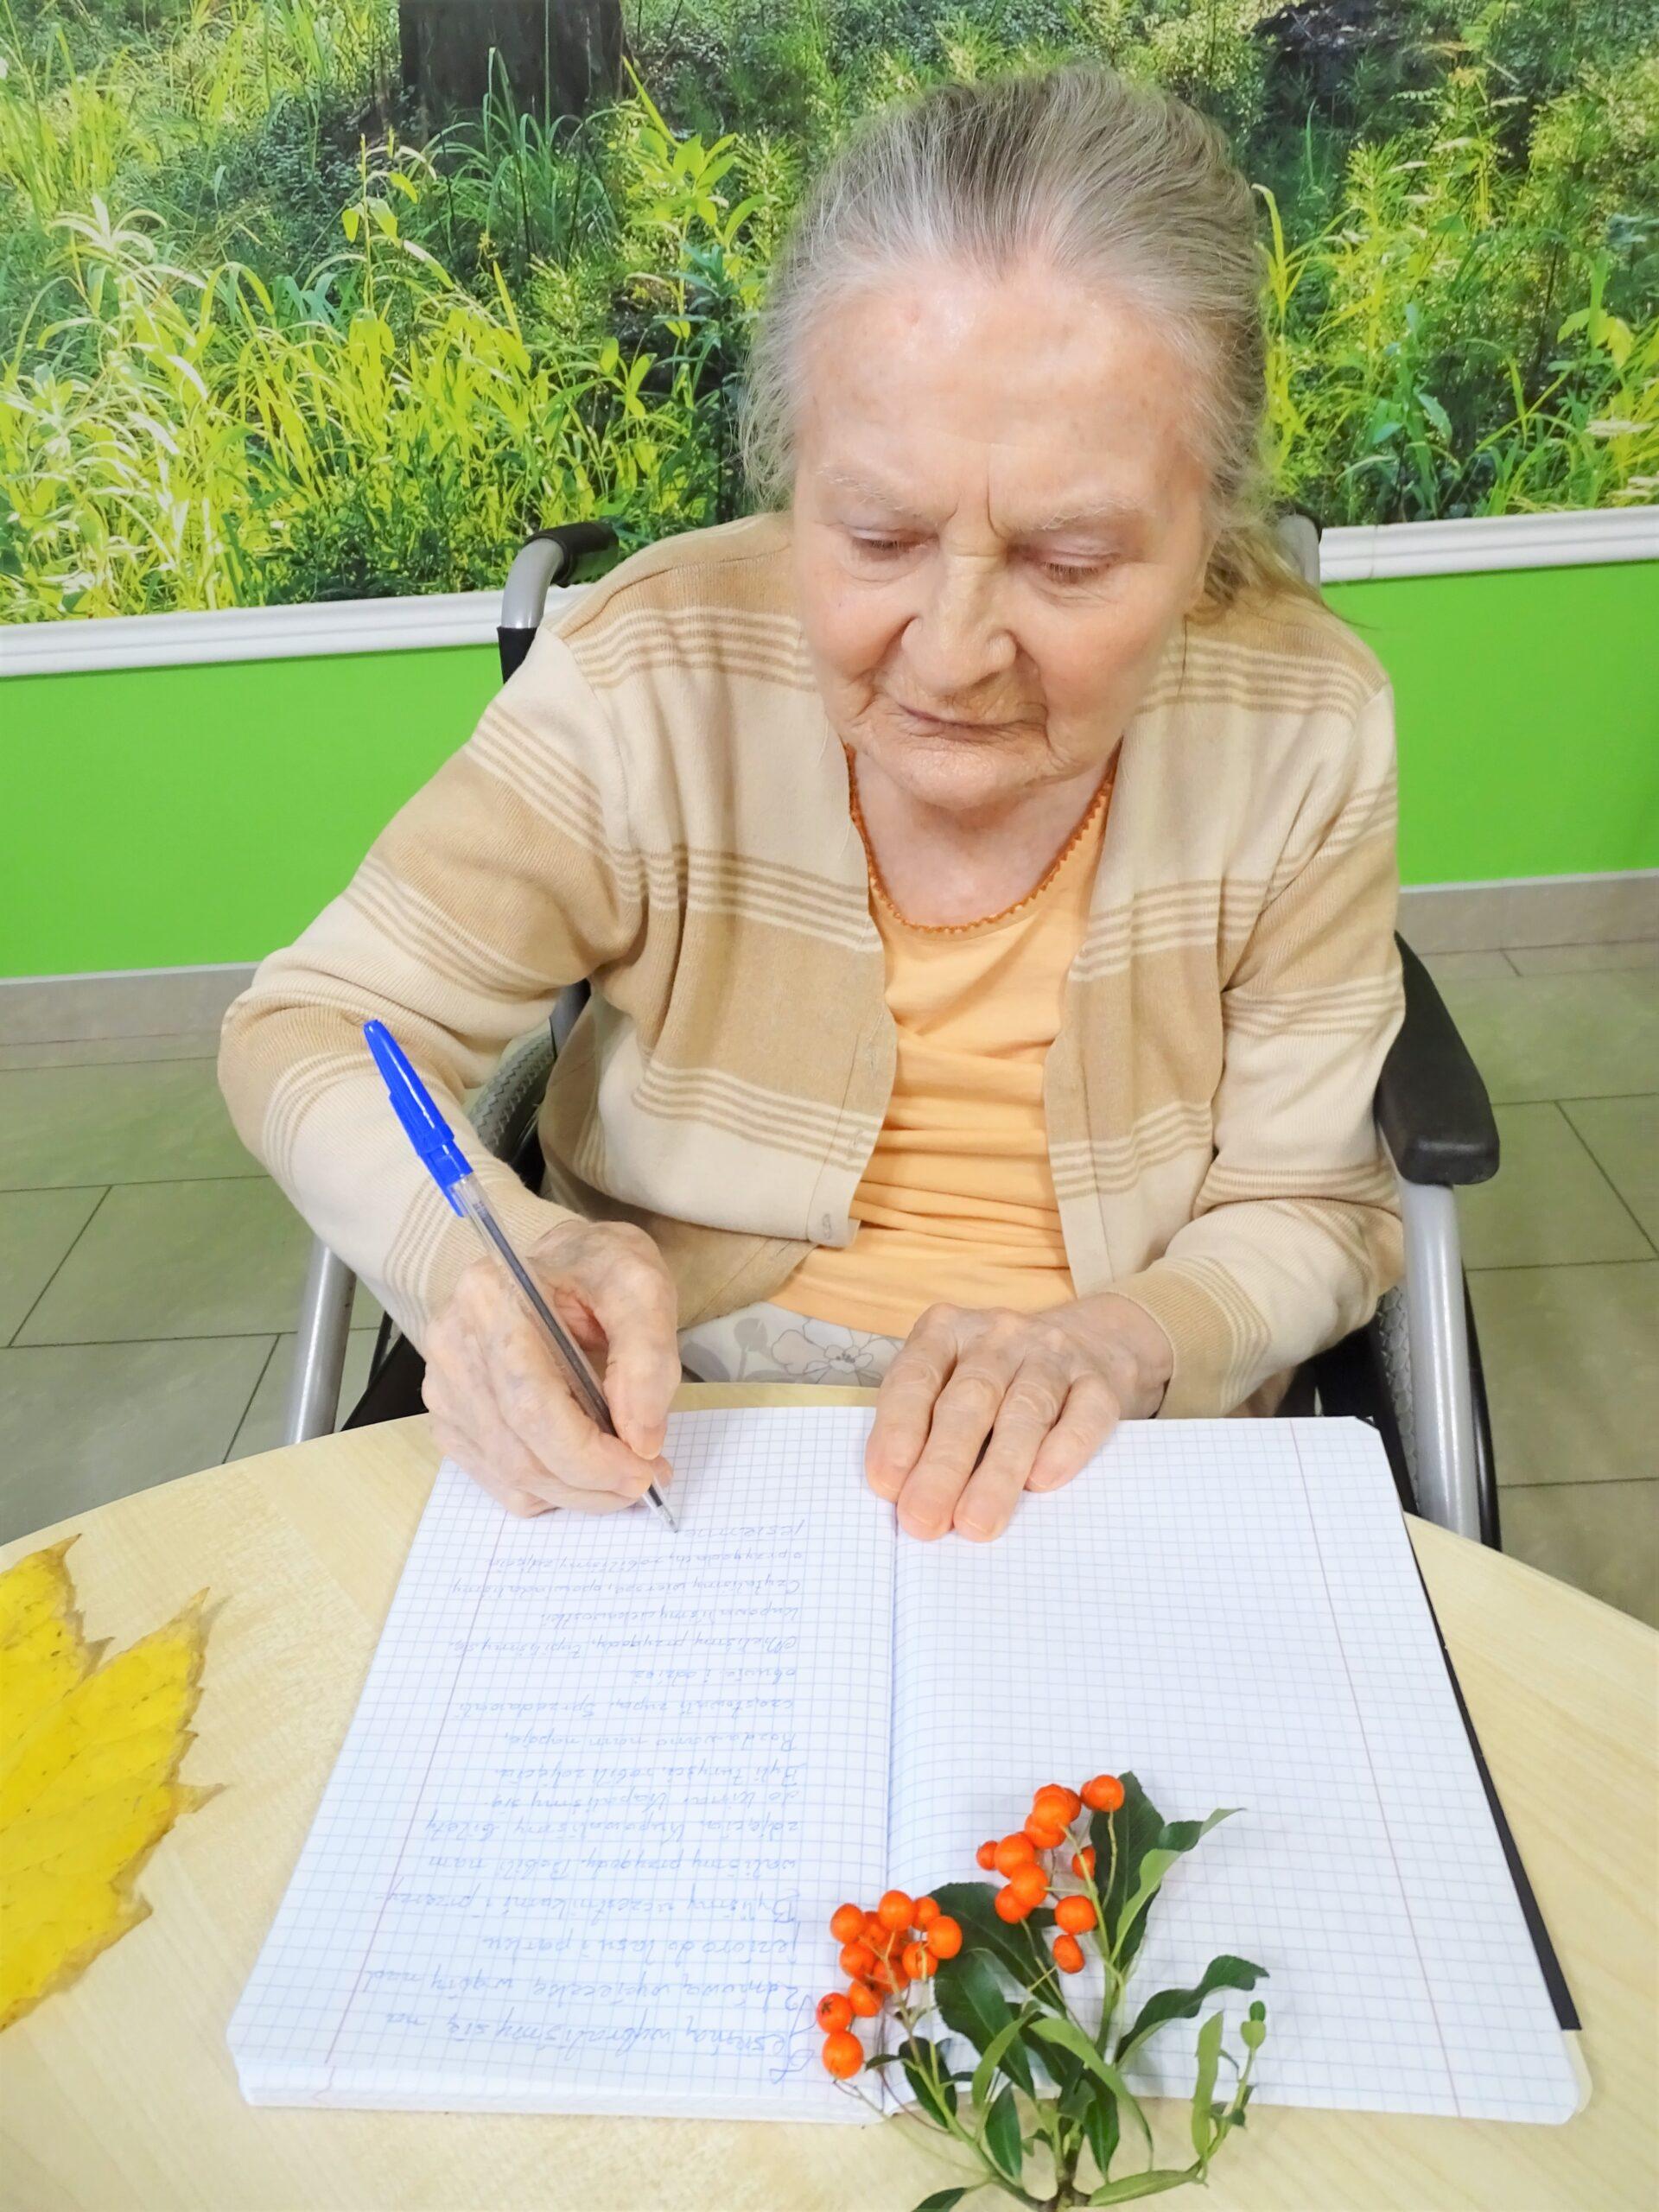 Starsza kobieta siedzi przy stole udekorowanym jesiennymi rekwizytami, notuje coś w zeszycie